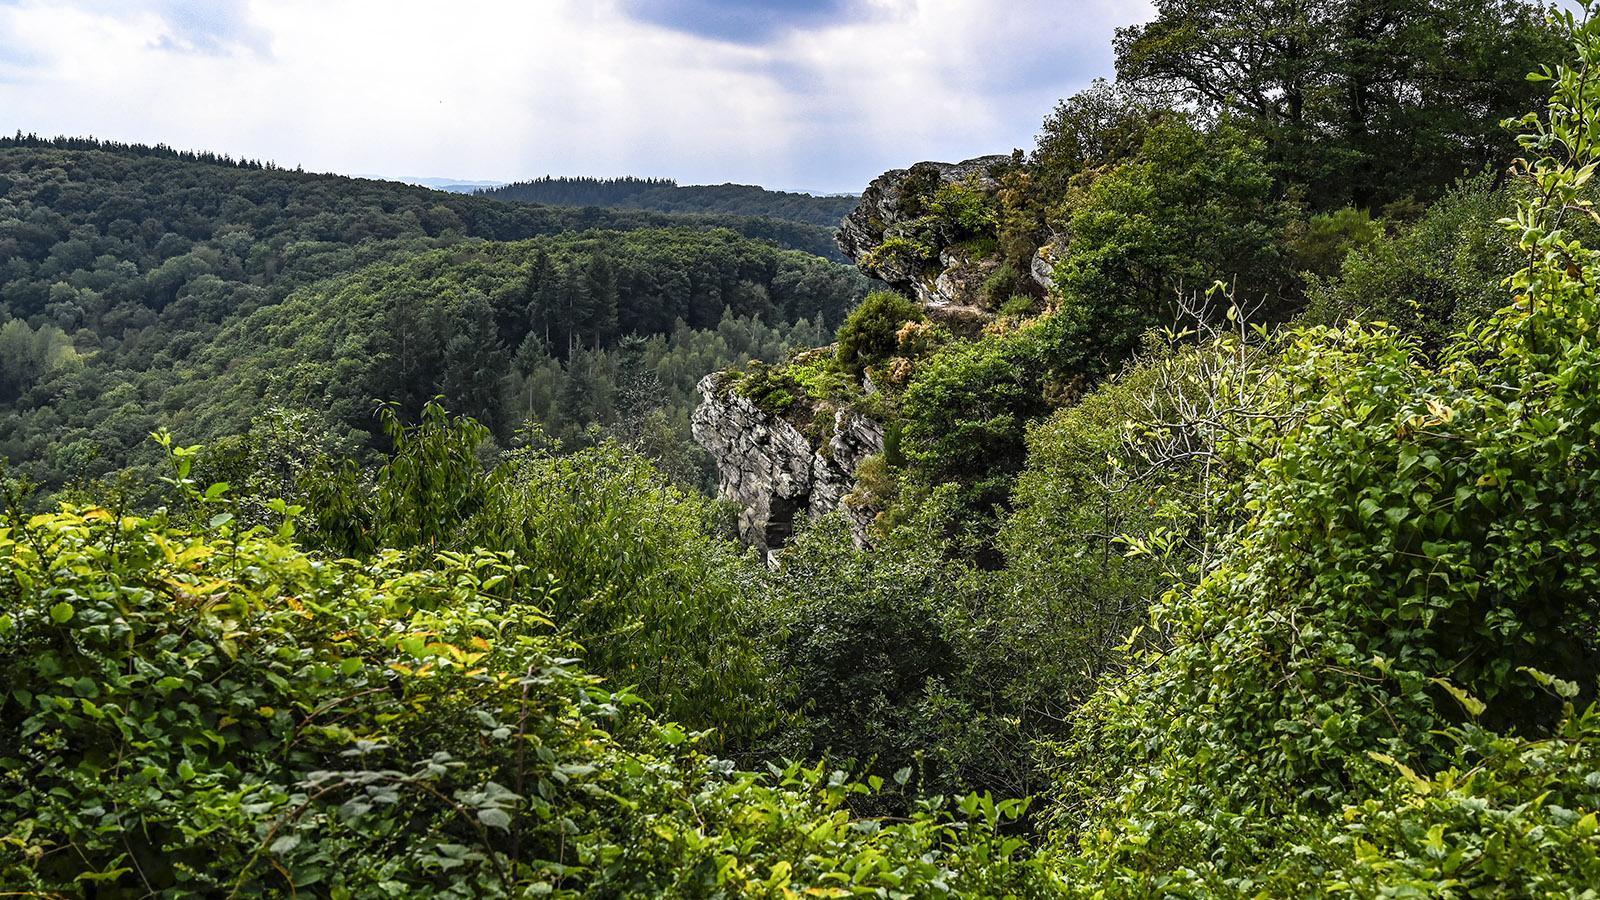 Faszinierend, die Felsen im Tal der Rouvre! Foto: Hilke Maunder